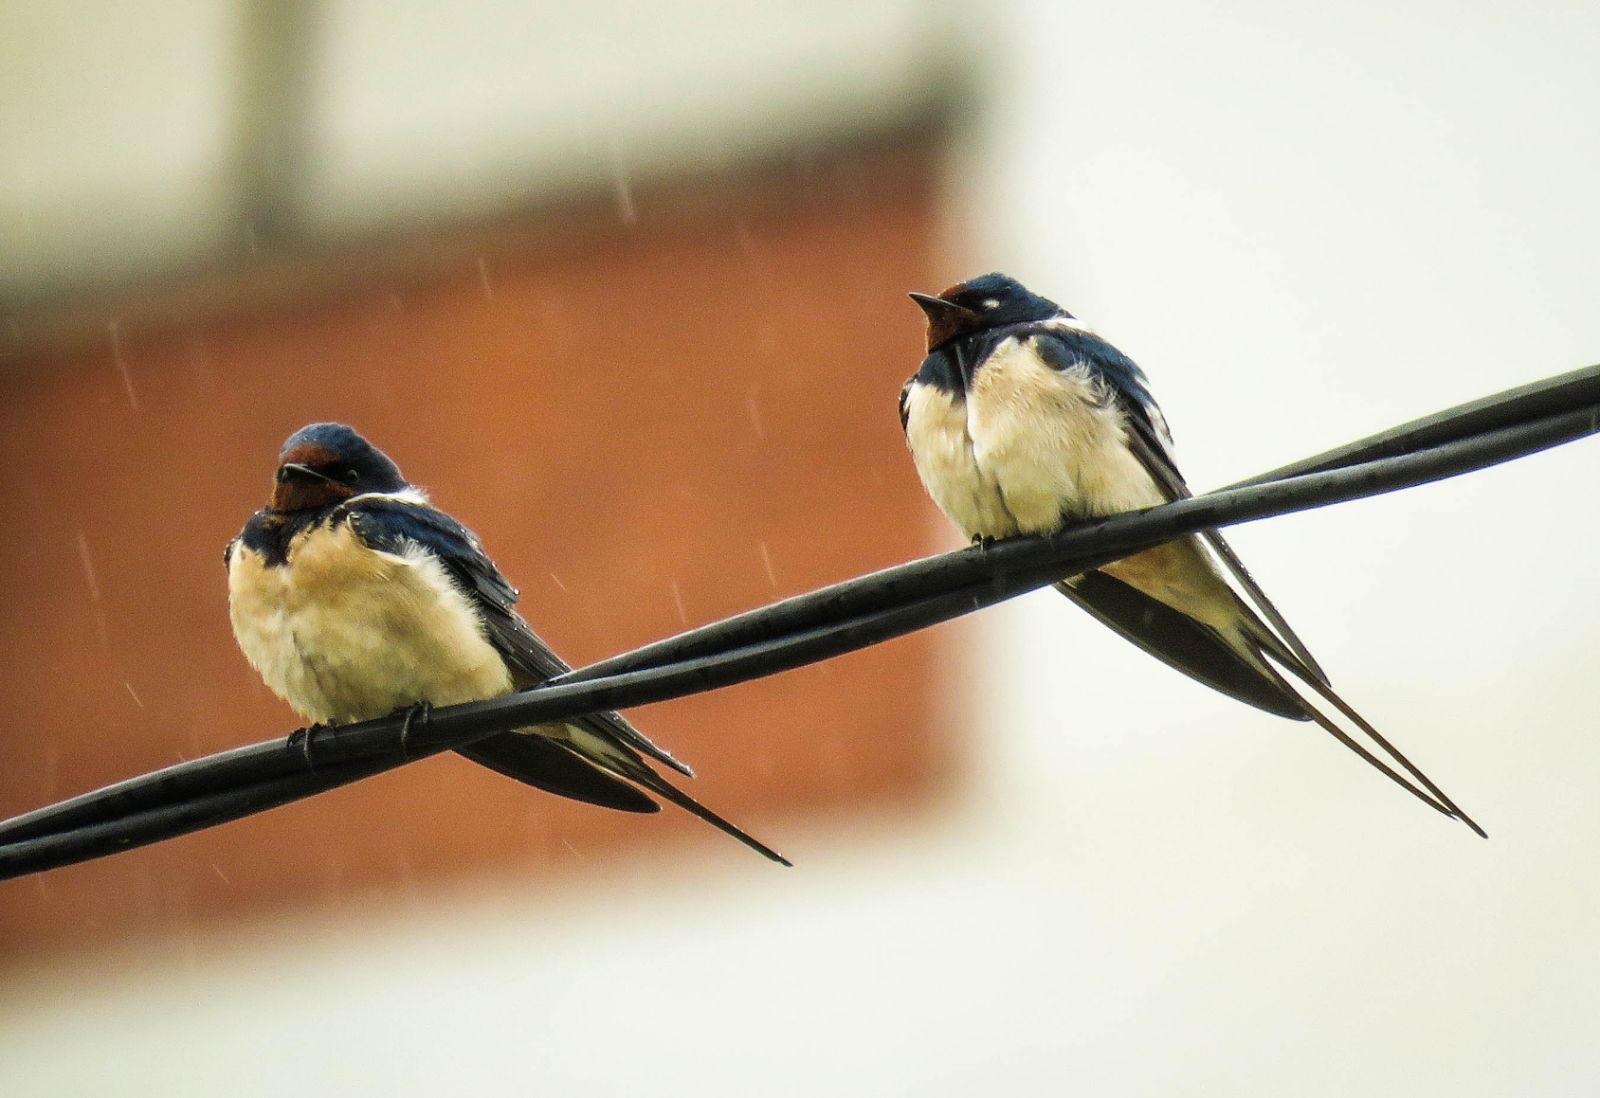 Laste preživele mraz i sneg, ako ih ugledate promrzle, ugrejte ptice